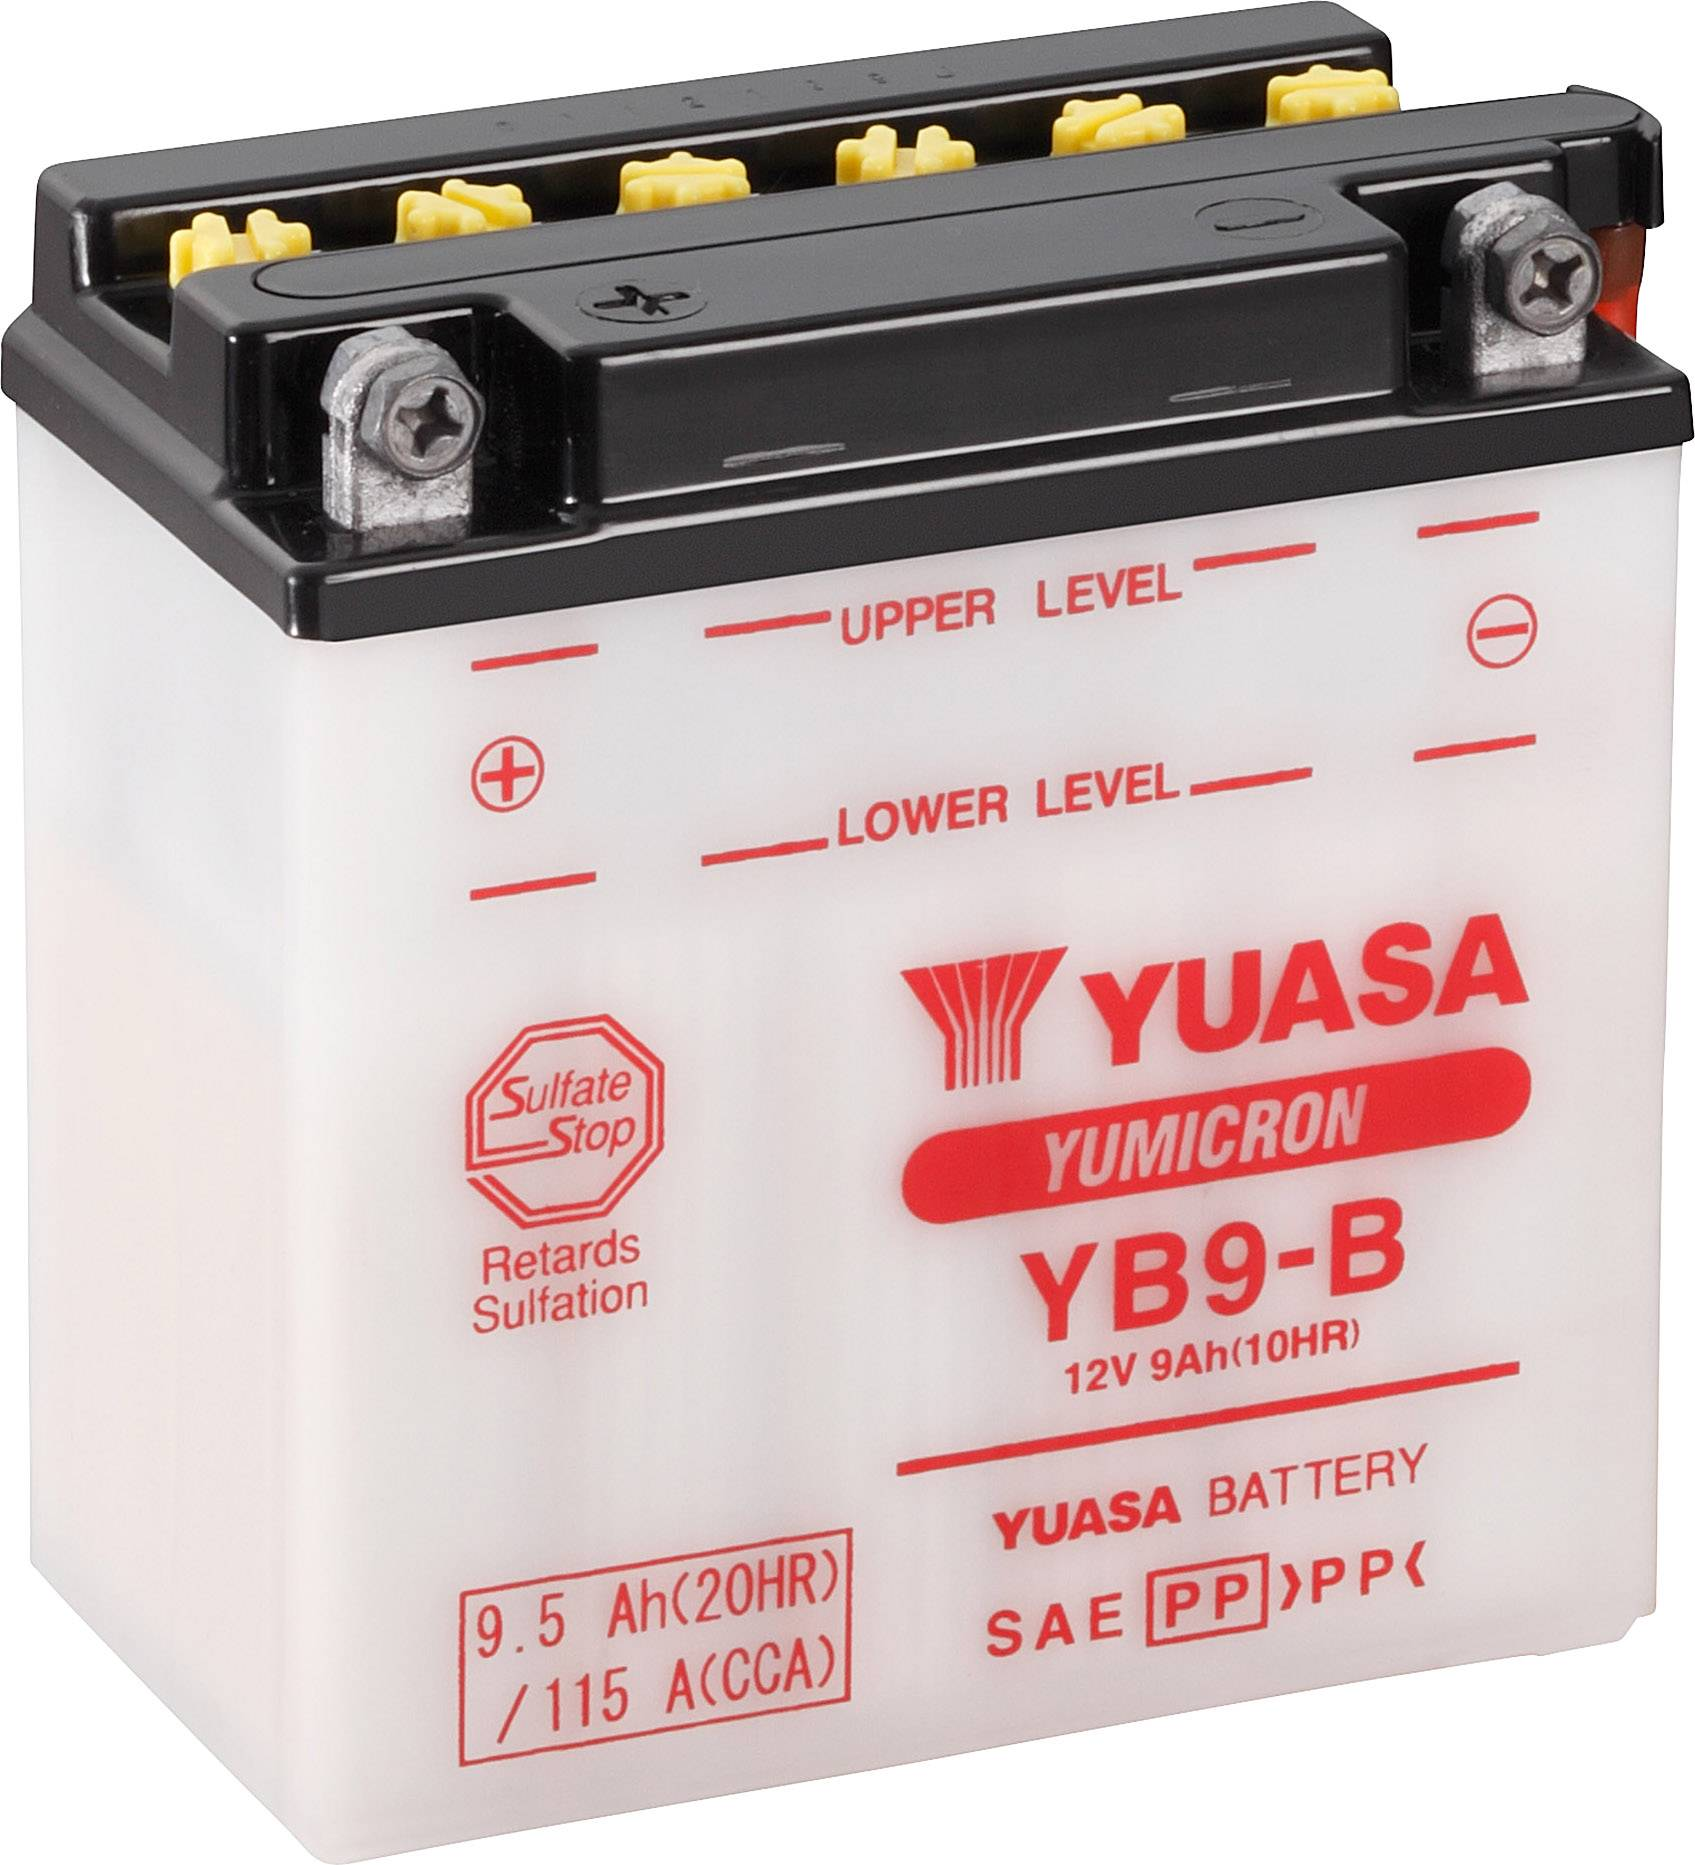 Dise/ño A/ño 1982 para Suzuki gsx250/E 6/x 10.5 Dimensiones: 161/x 91/x 131 Bater/ía Yuasa yb12b de B2 12/V//12Ah